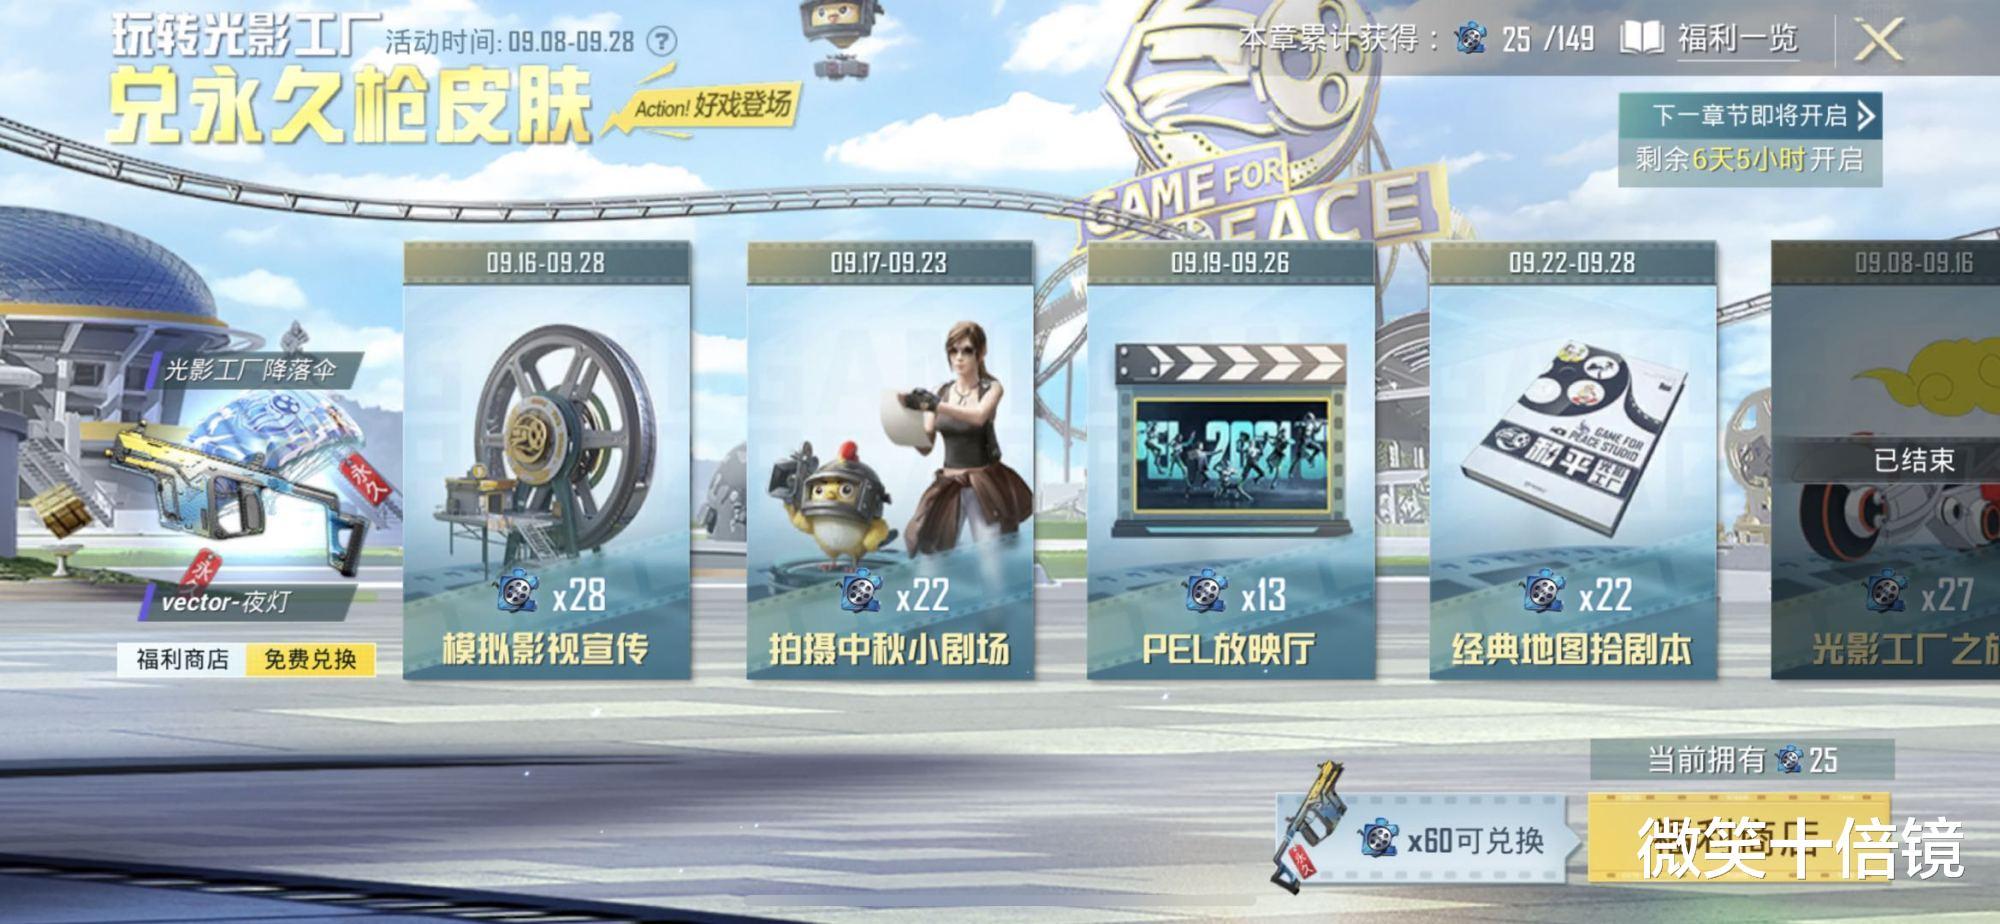 """《【合盈国际平台网】""""吃鸡""""福利商店迎来更新!5款福利即将上架,M4皮肤再次来袭!》"""